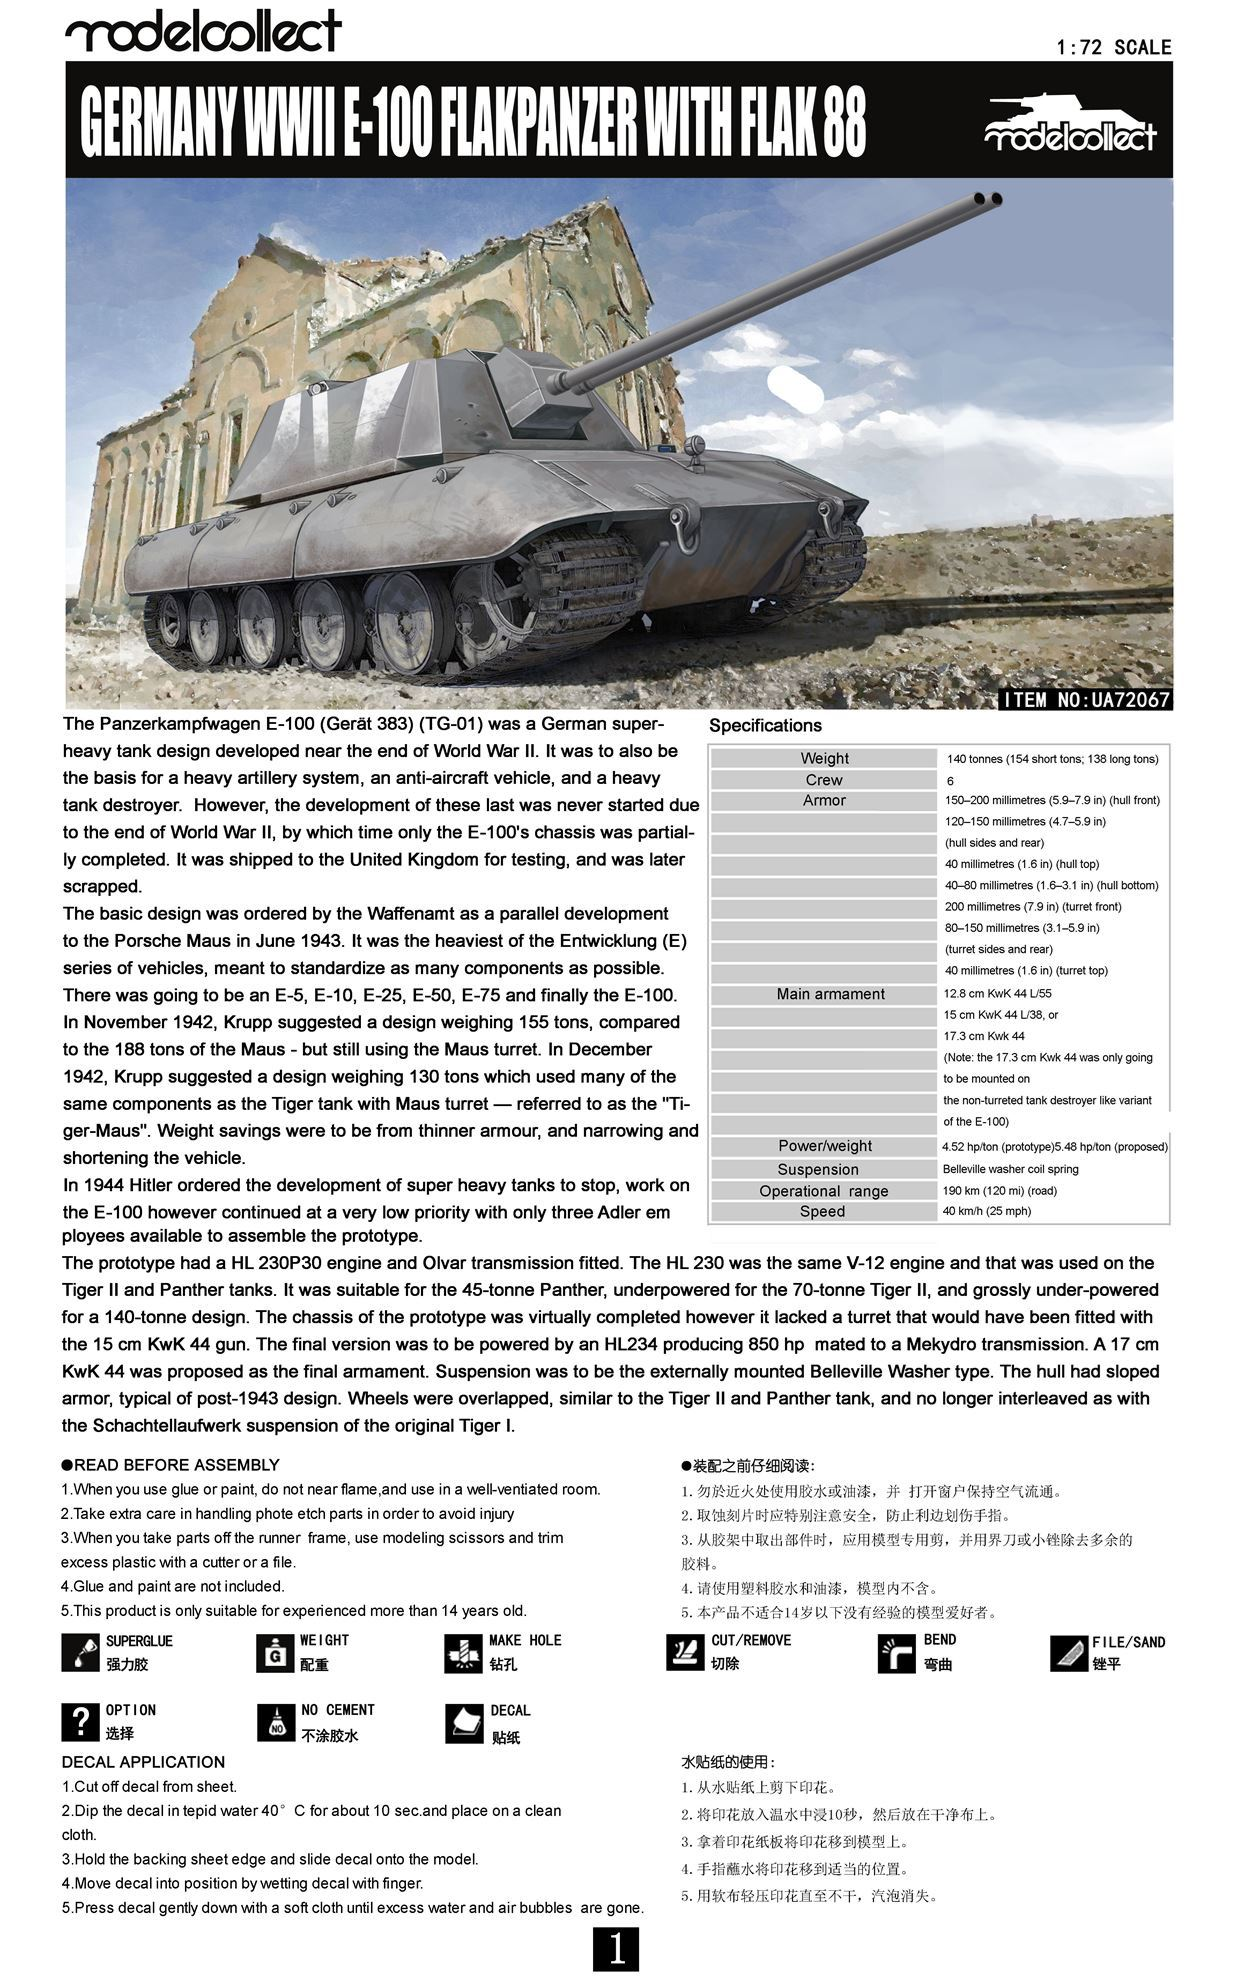 0001145_germany-wwii-e-100-flakpanzer-with-flak-88